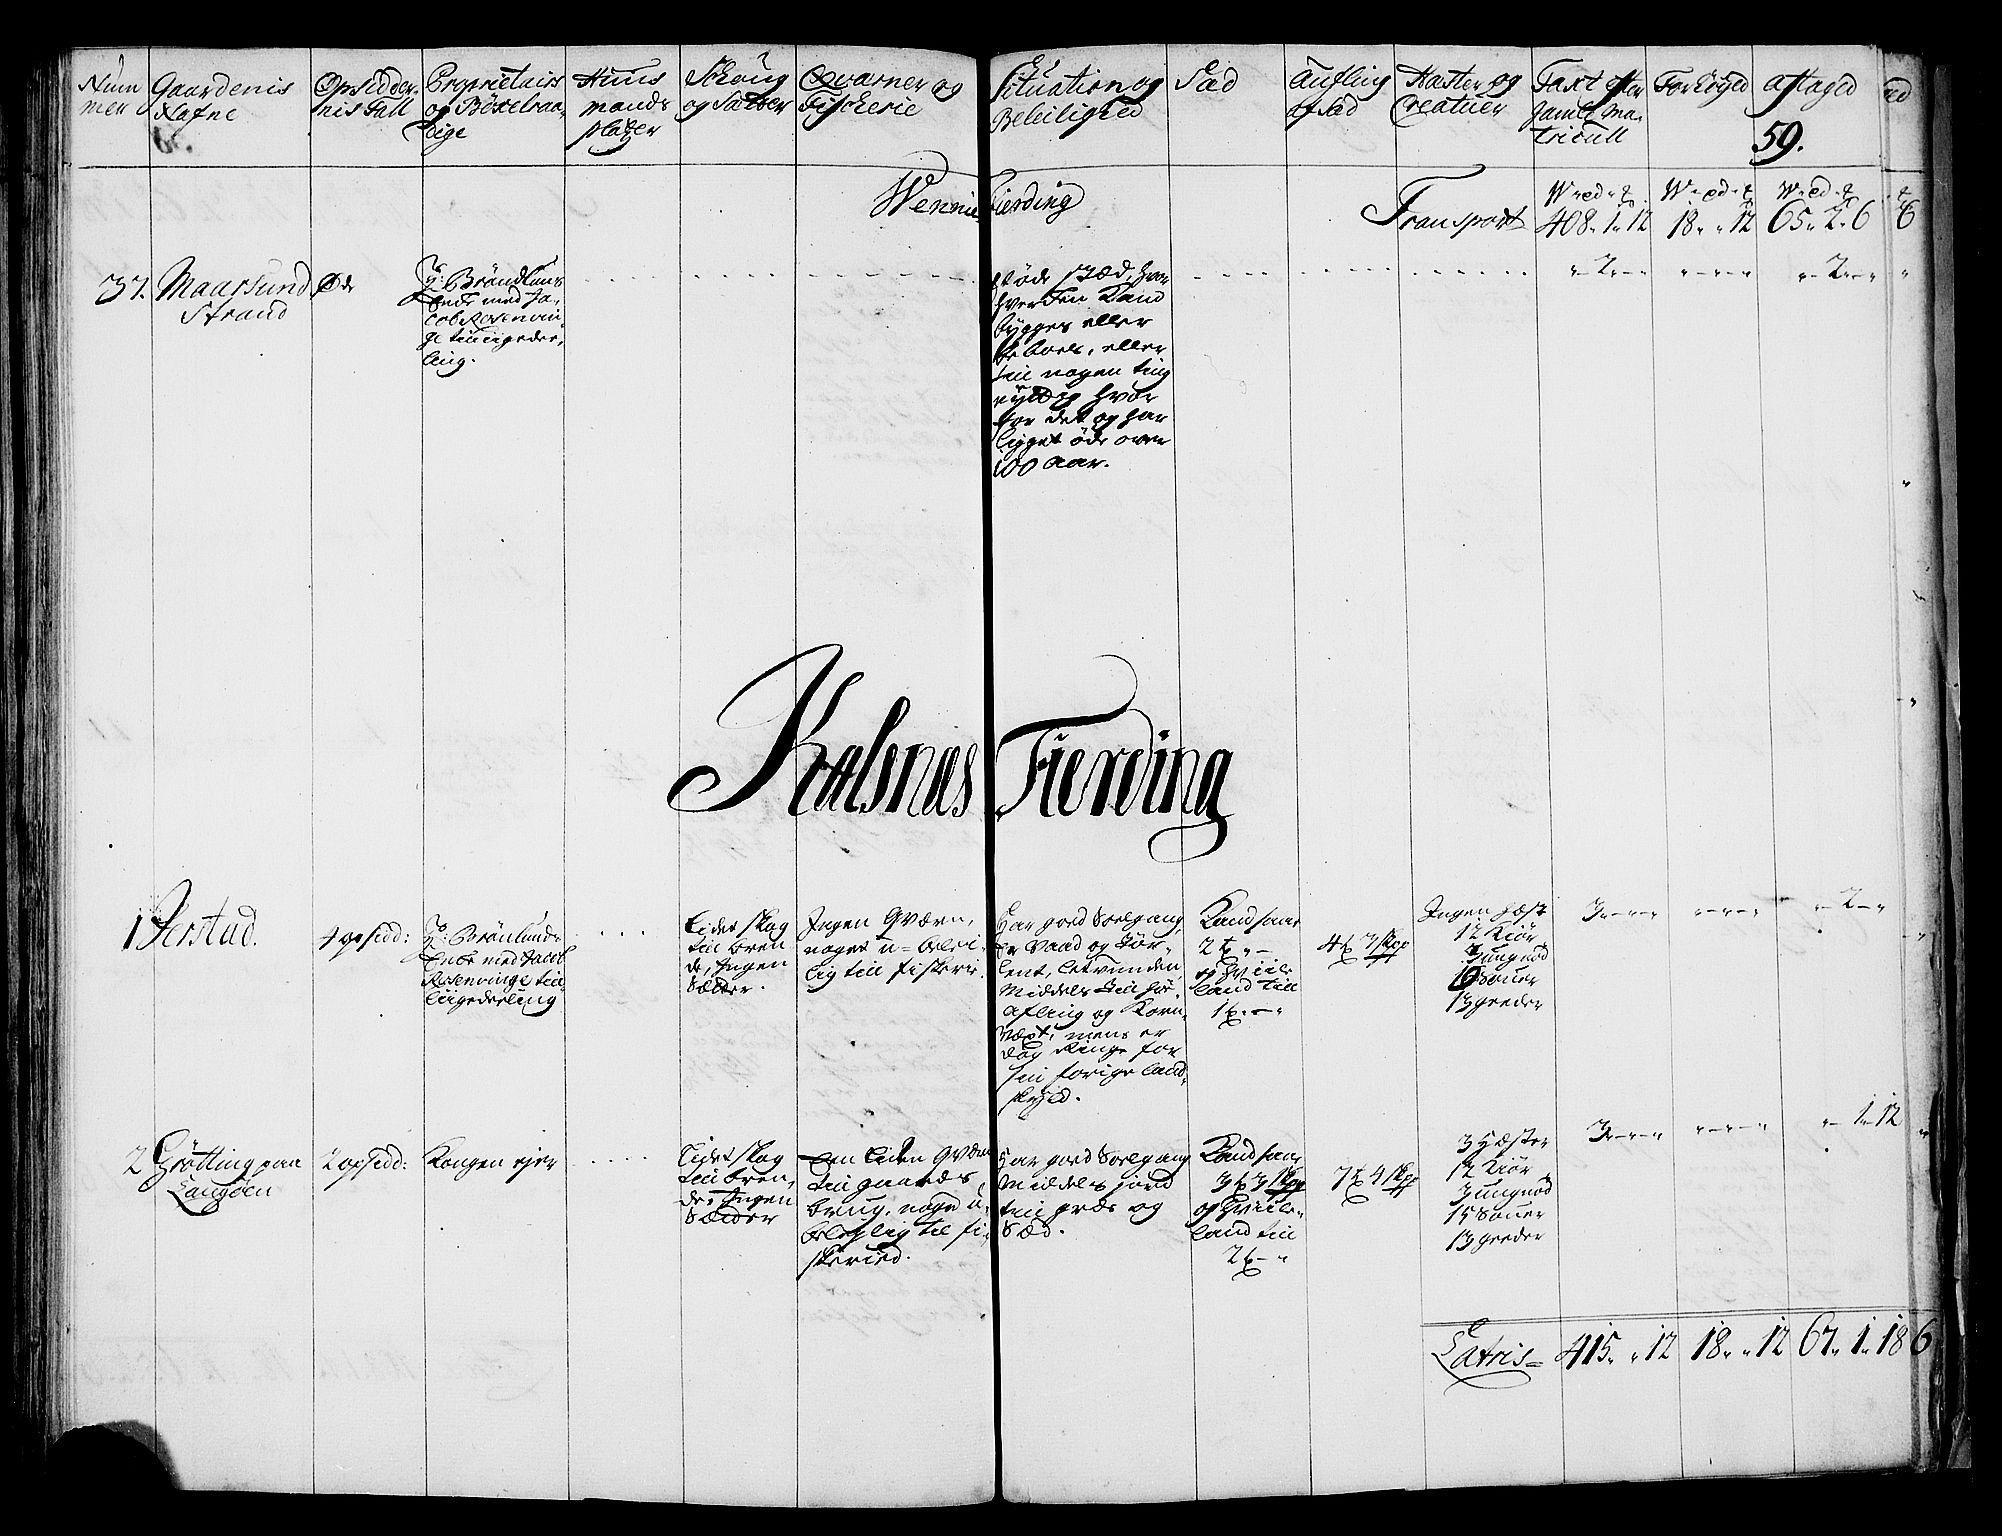 RA, Rentekammeret inntil 1814, Realistisk ordnet avdeling, N/Nb/Nbf/L0176: Vesterålen og Andenes eksaminasjonsprotokoll, 1723, s. 58b-59a